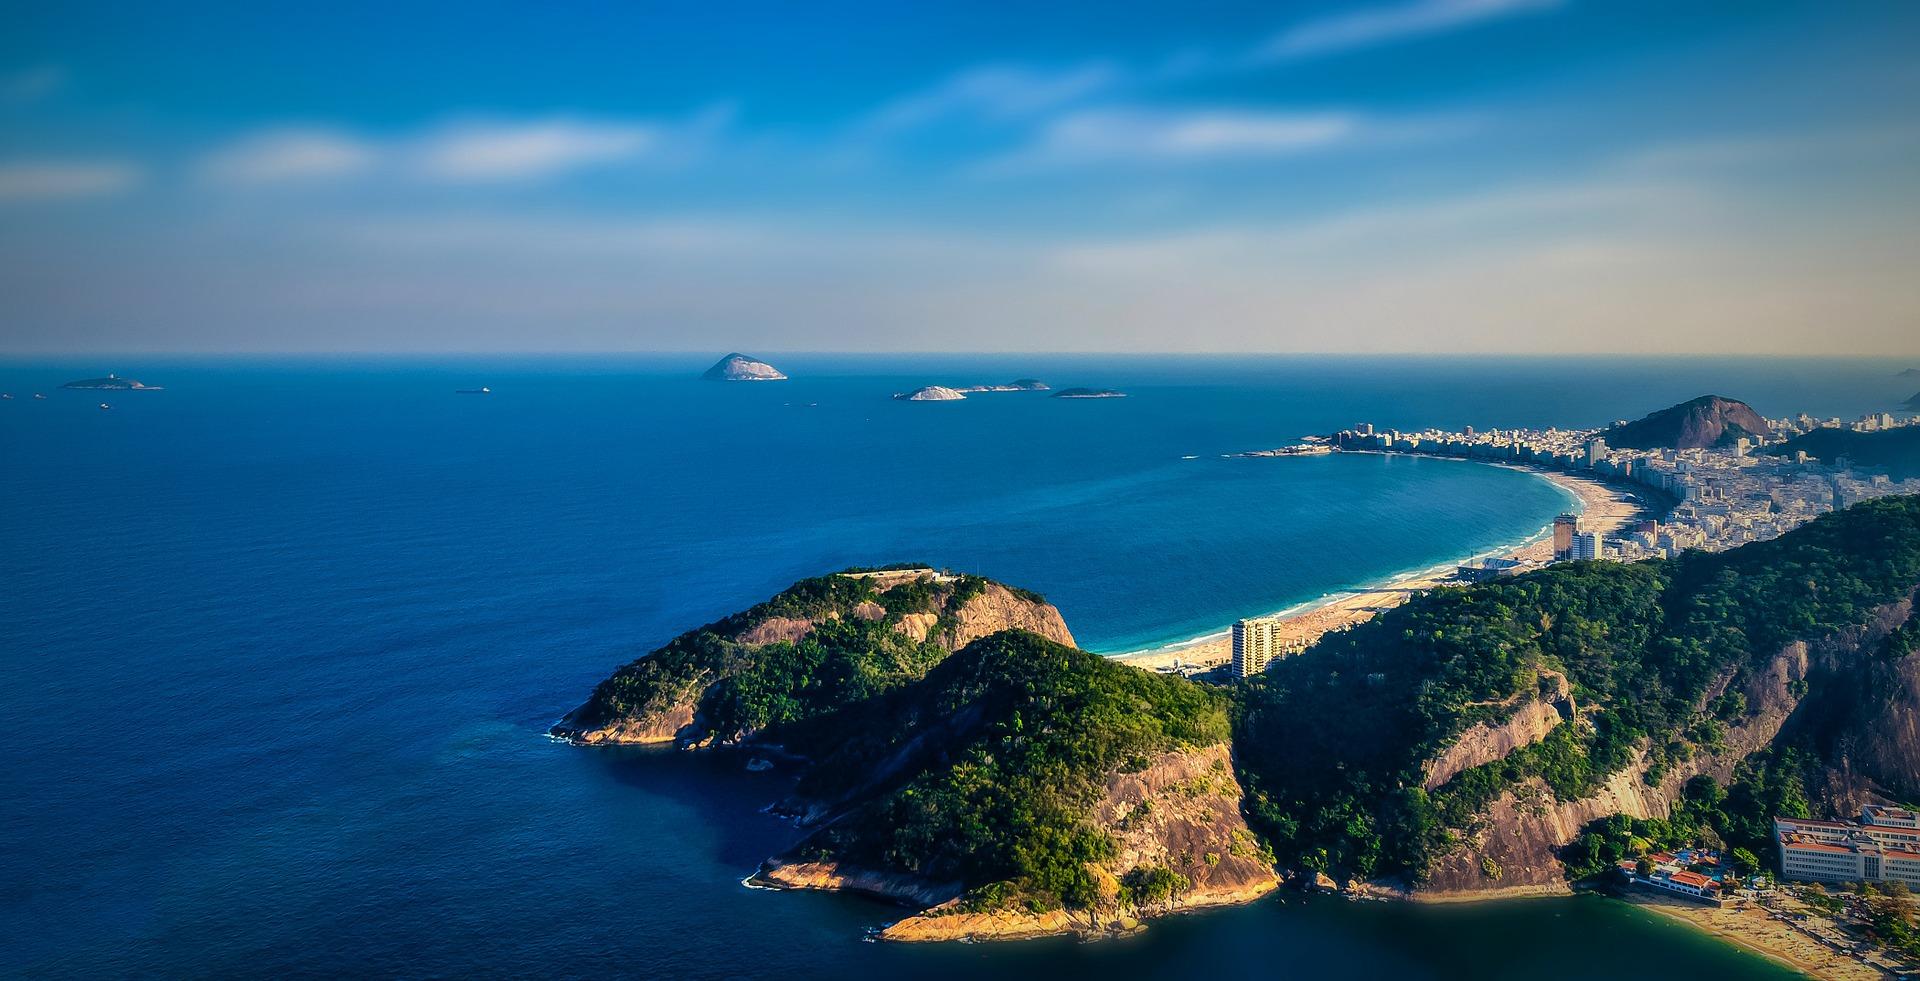 Beach view of Rio De Janeiro, Brazil on Dragoman tour